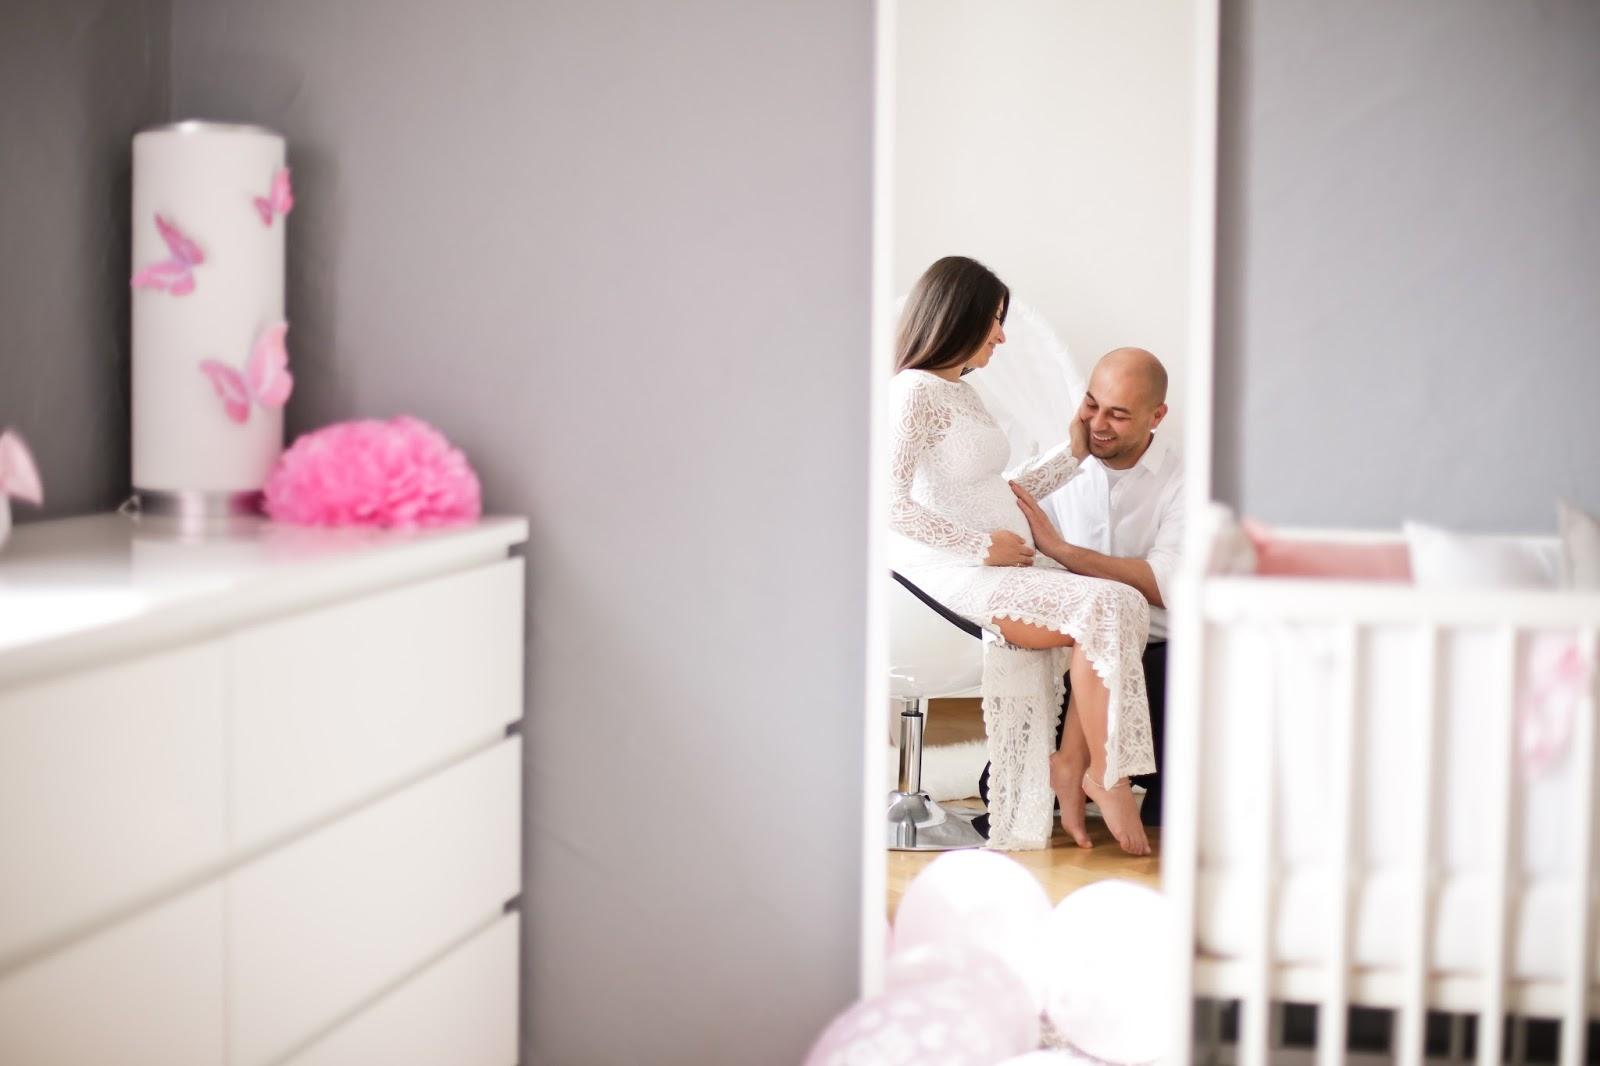 bebek odasında photo shooting